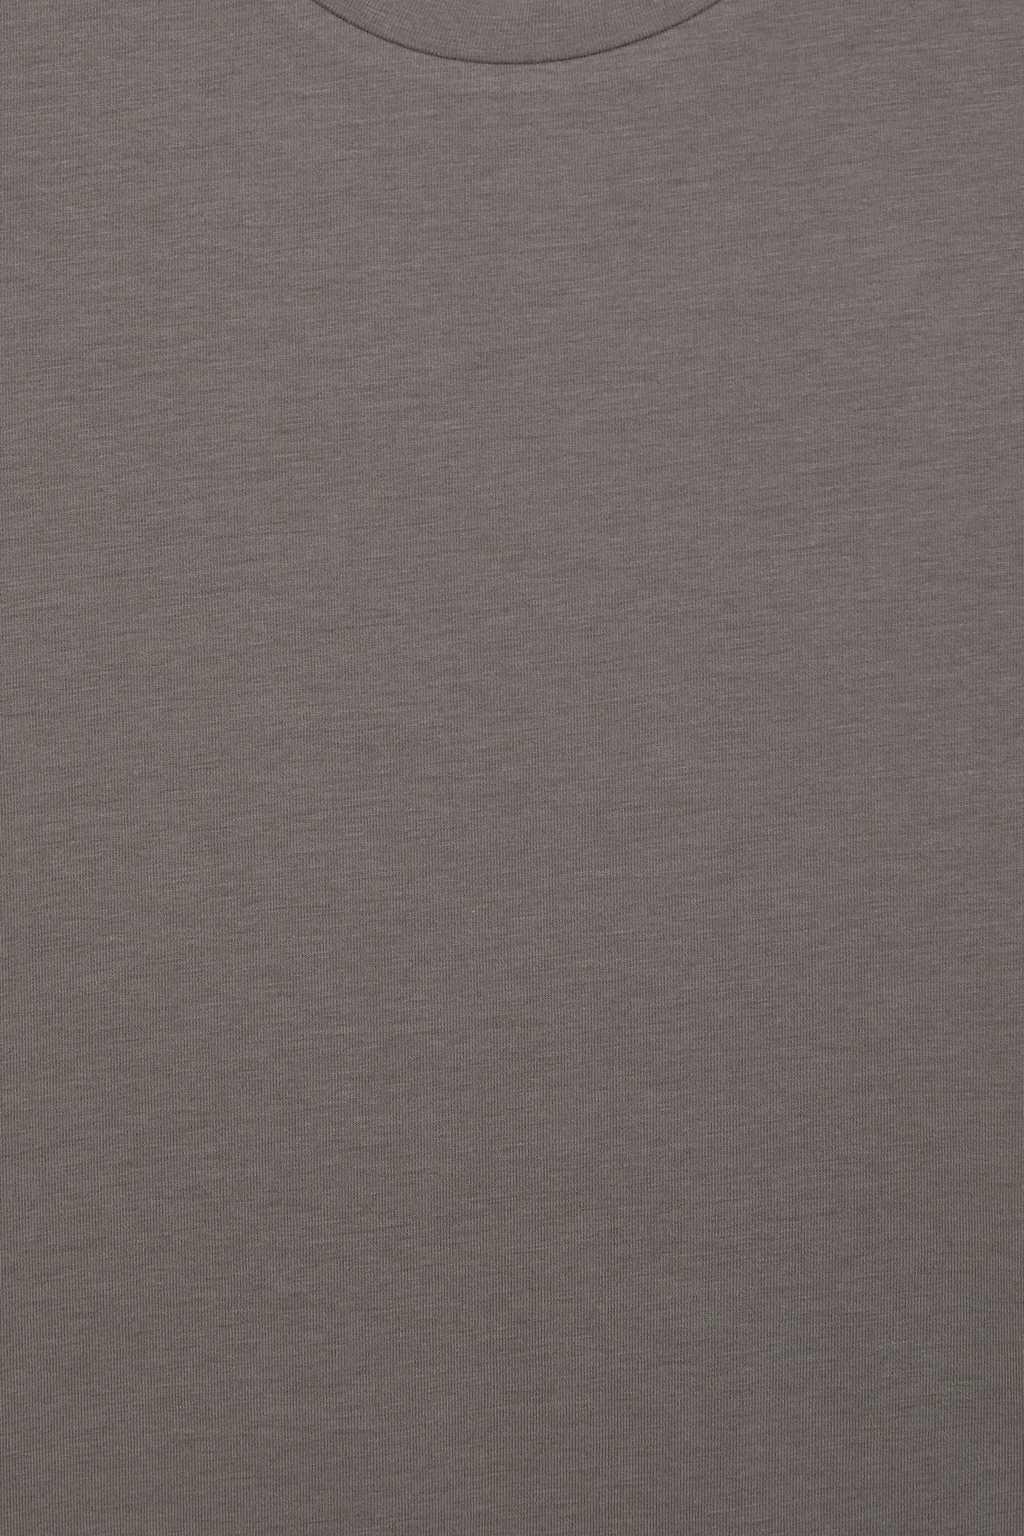 TShirt 3343 Gray 8